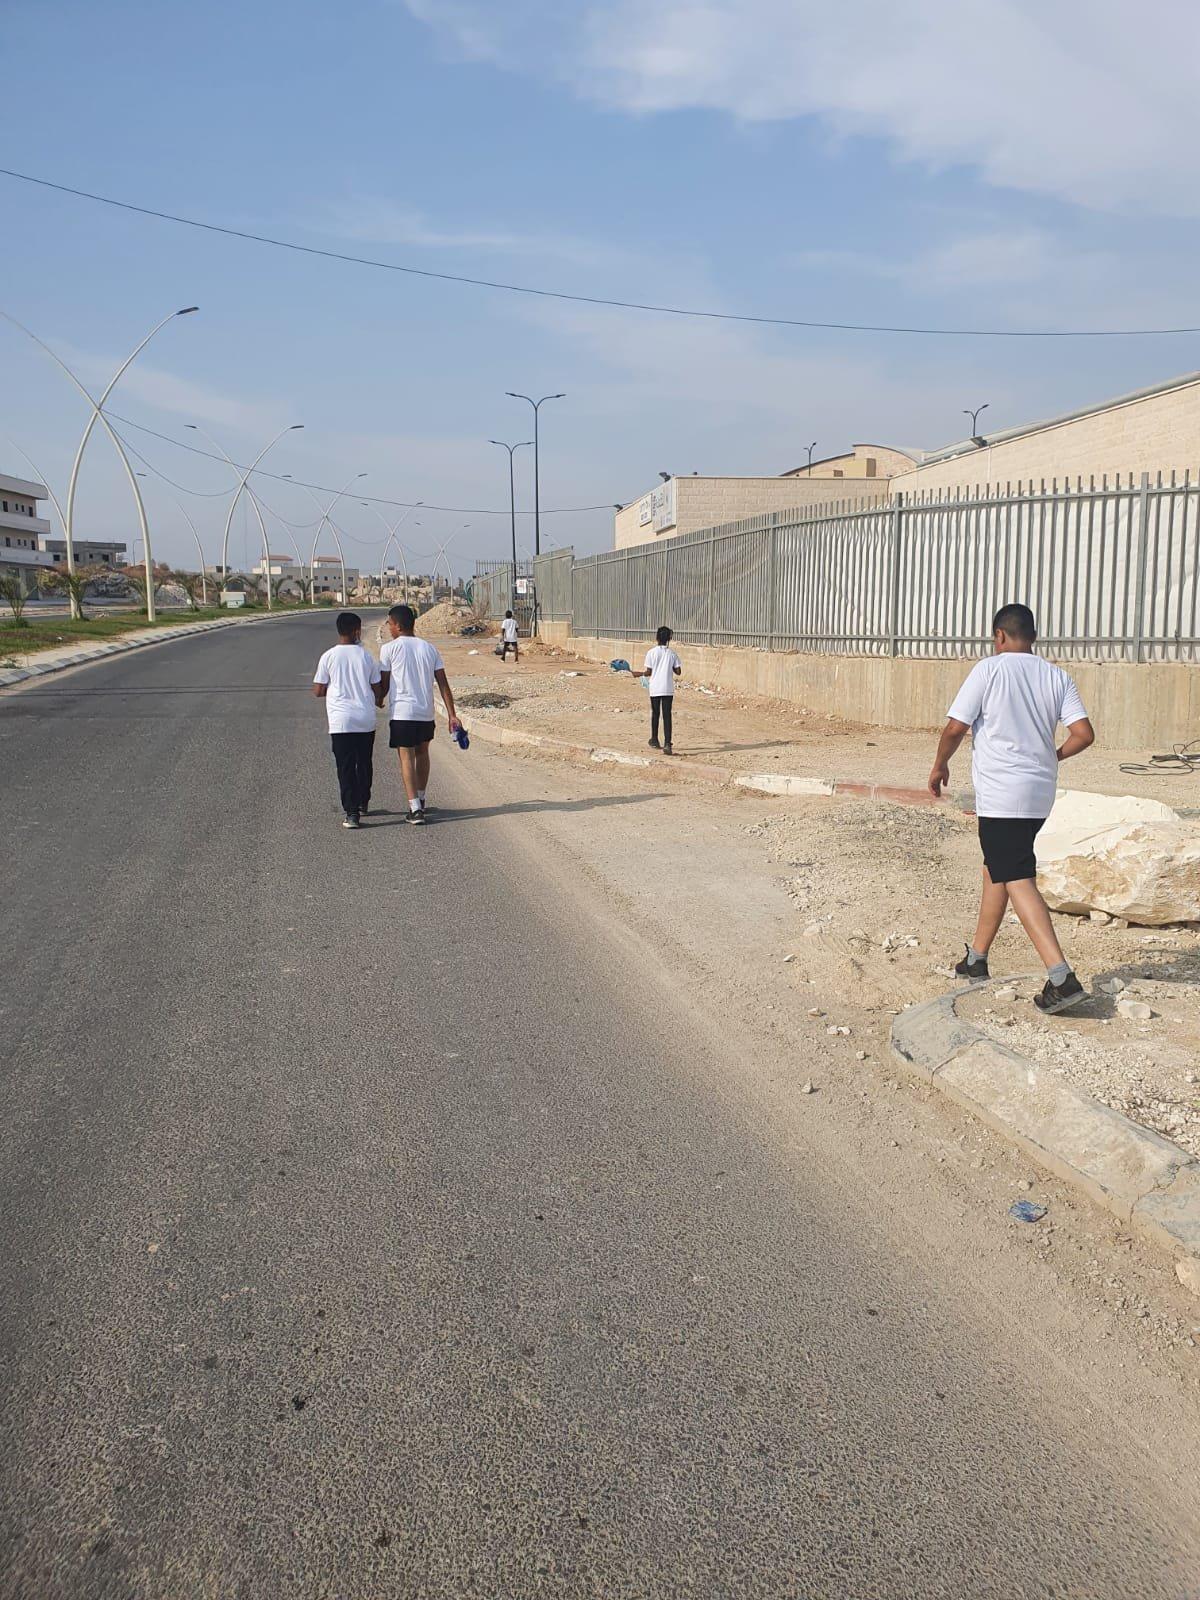 مشاركة افتراضية واسعة في يوم المشي العالمي في الجماهيري رهط